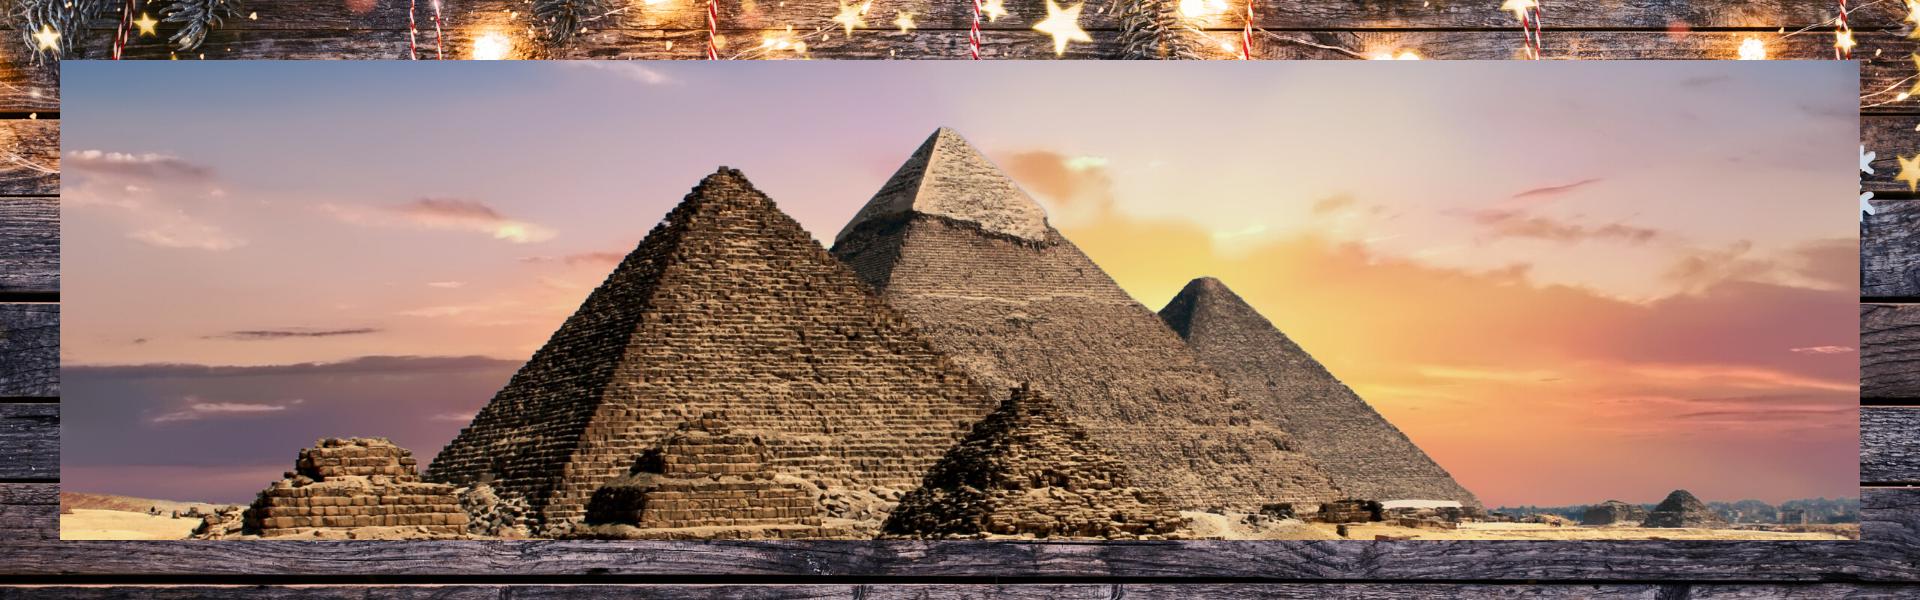 Piramides de Guiza, Egipto